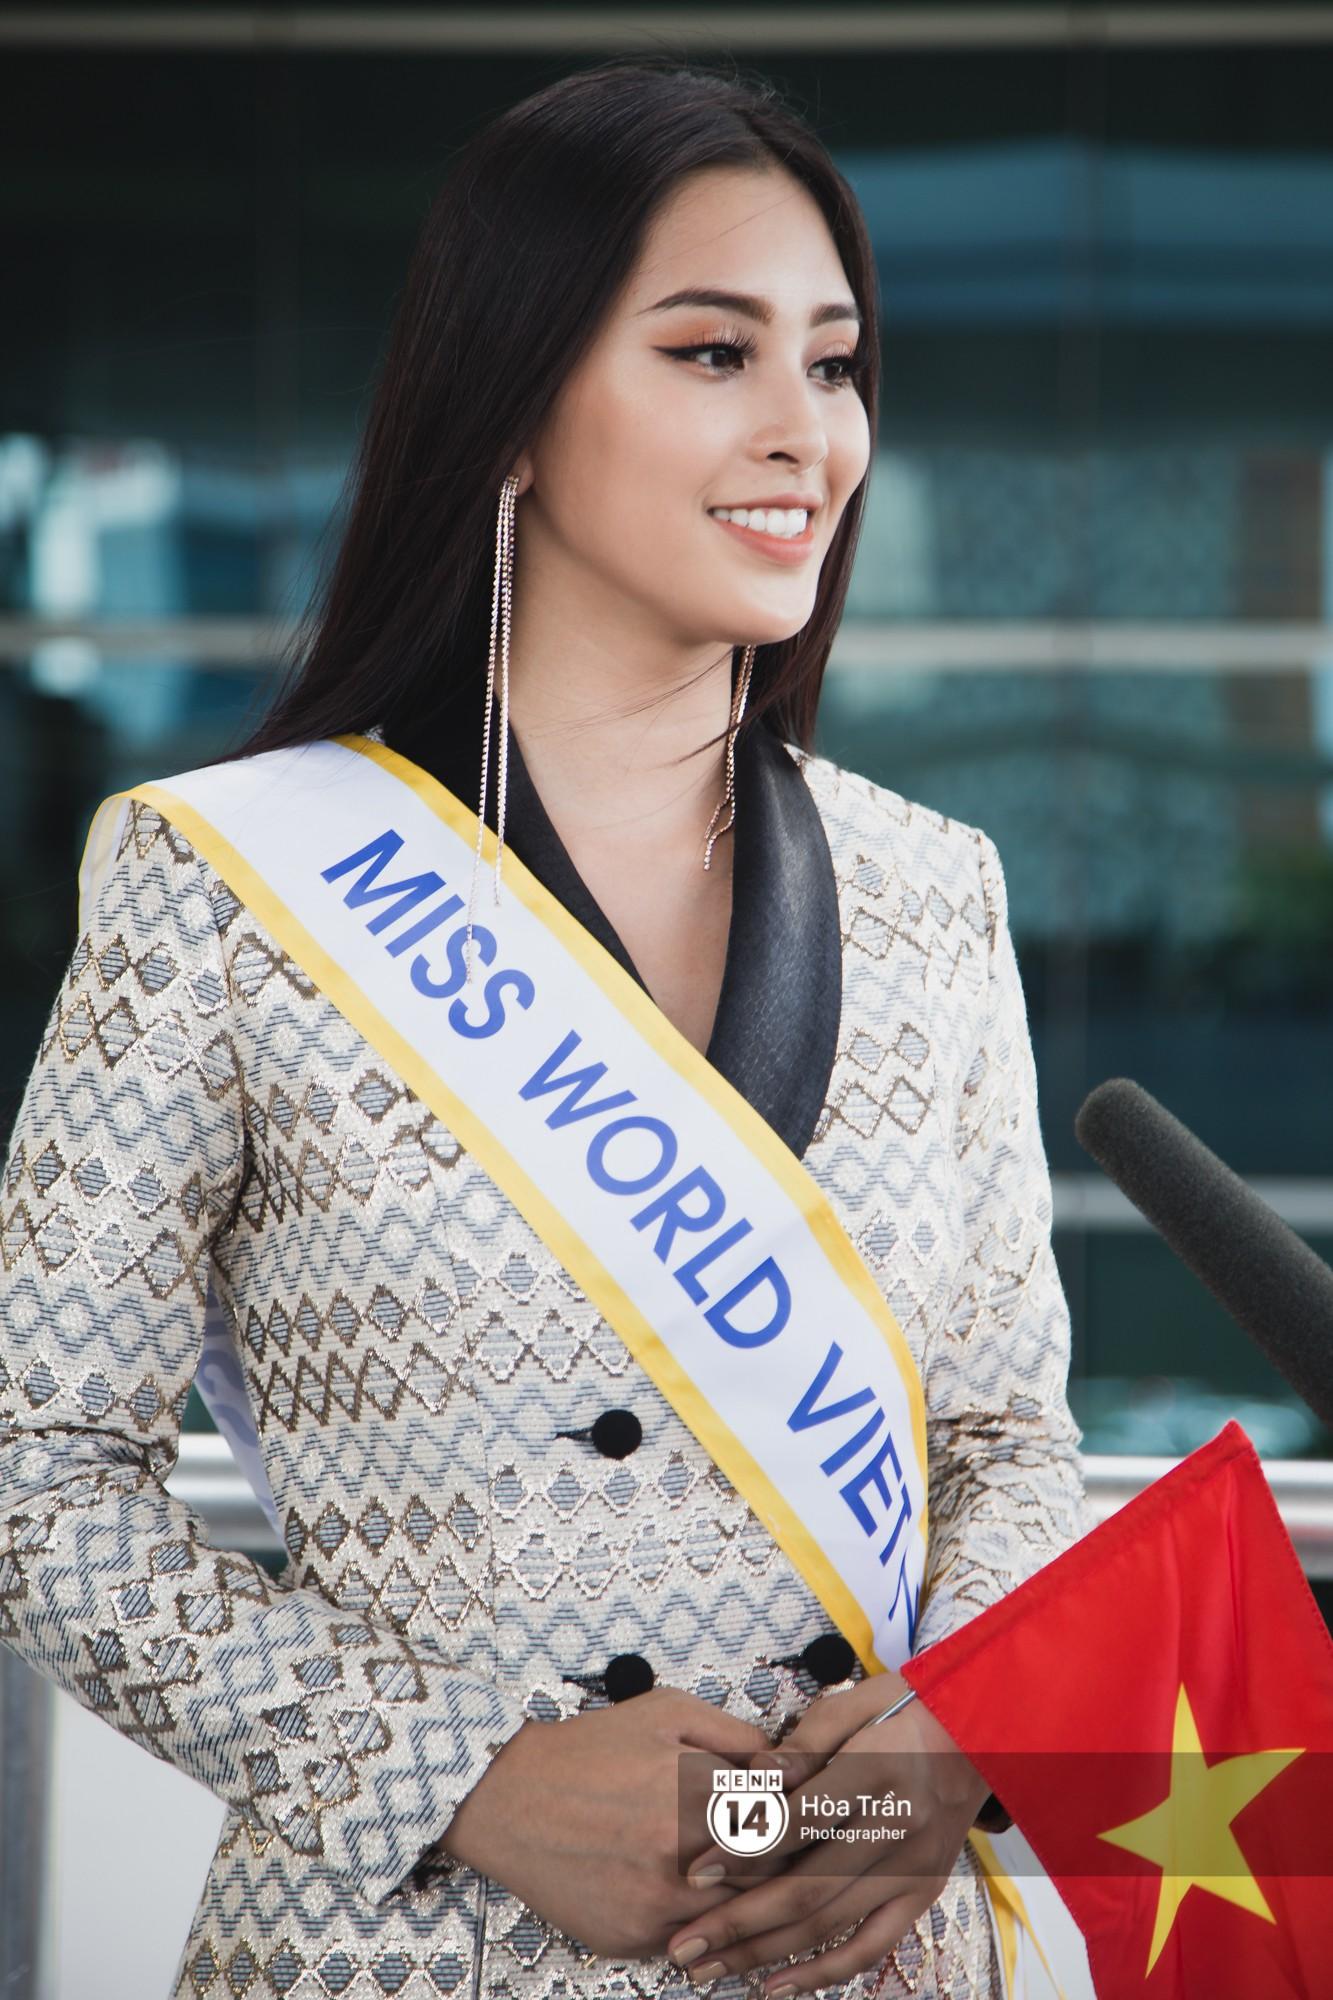 Mẹ cùng người hâm mộ tiễn Trần Tiểu Vy lên đường sang Trung Quốc chinh chiến Miss World 2018 - Ảnh 3.